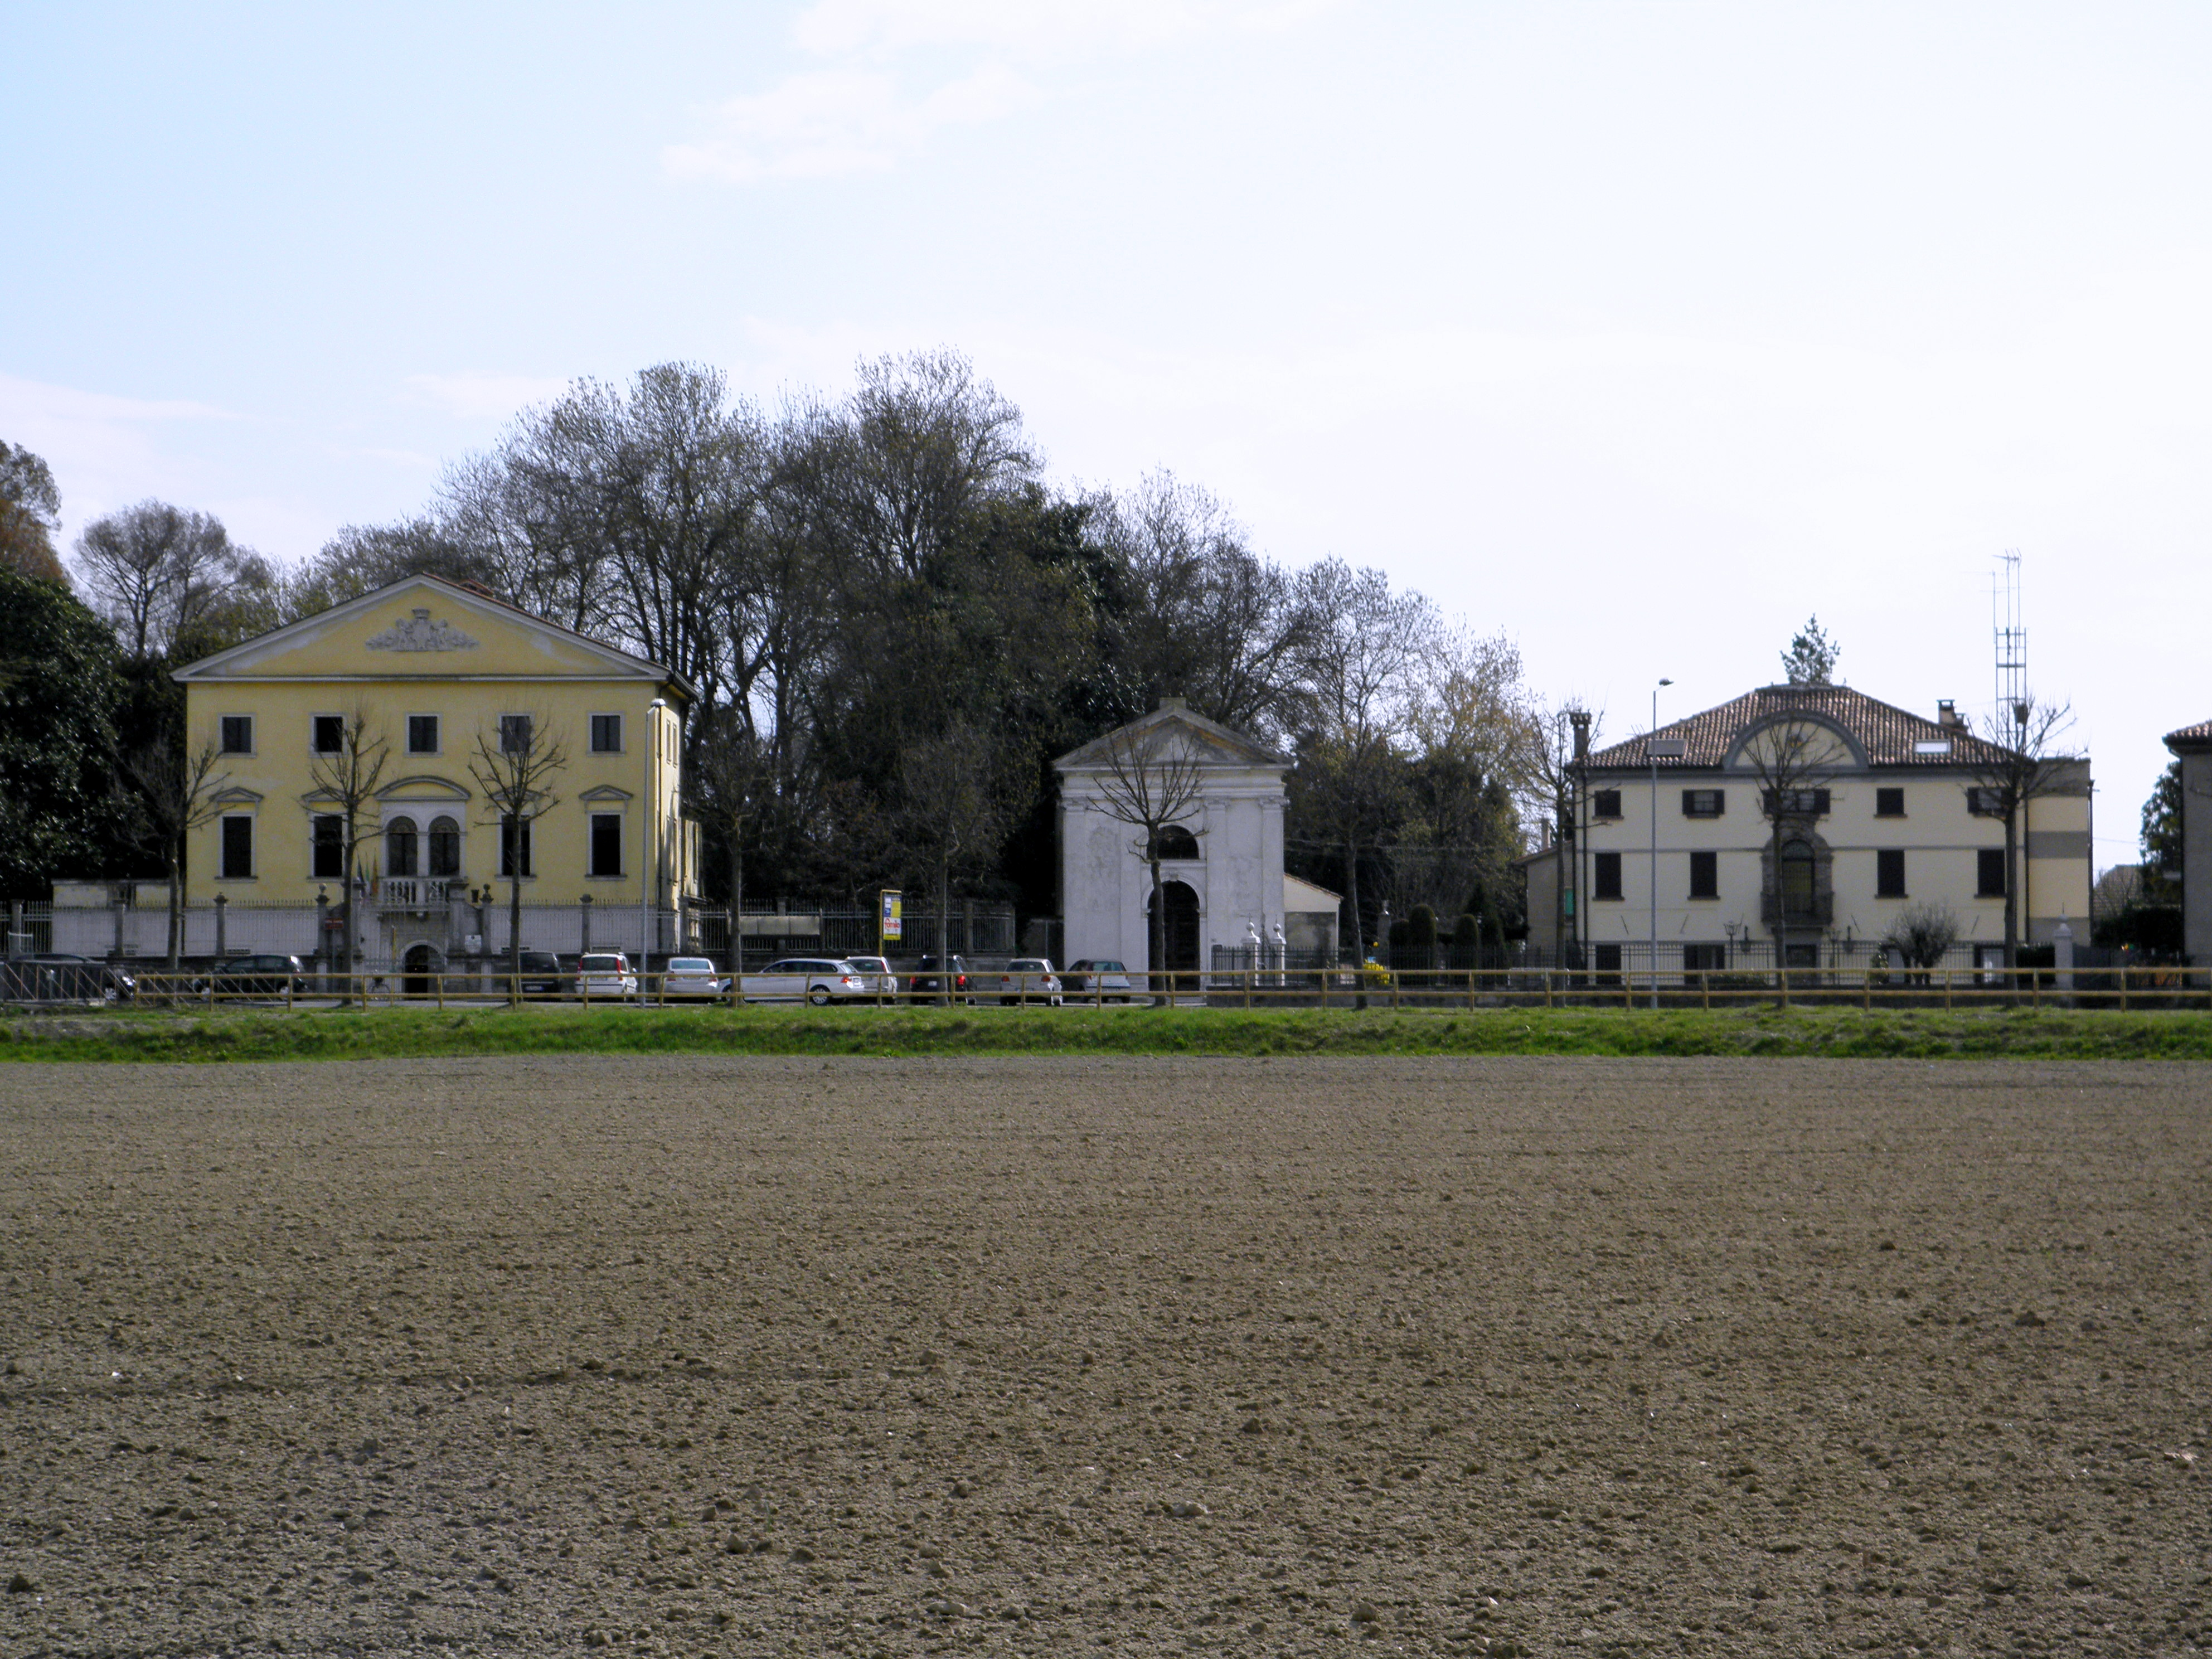 File:Via Roma, Villa Labia e3968